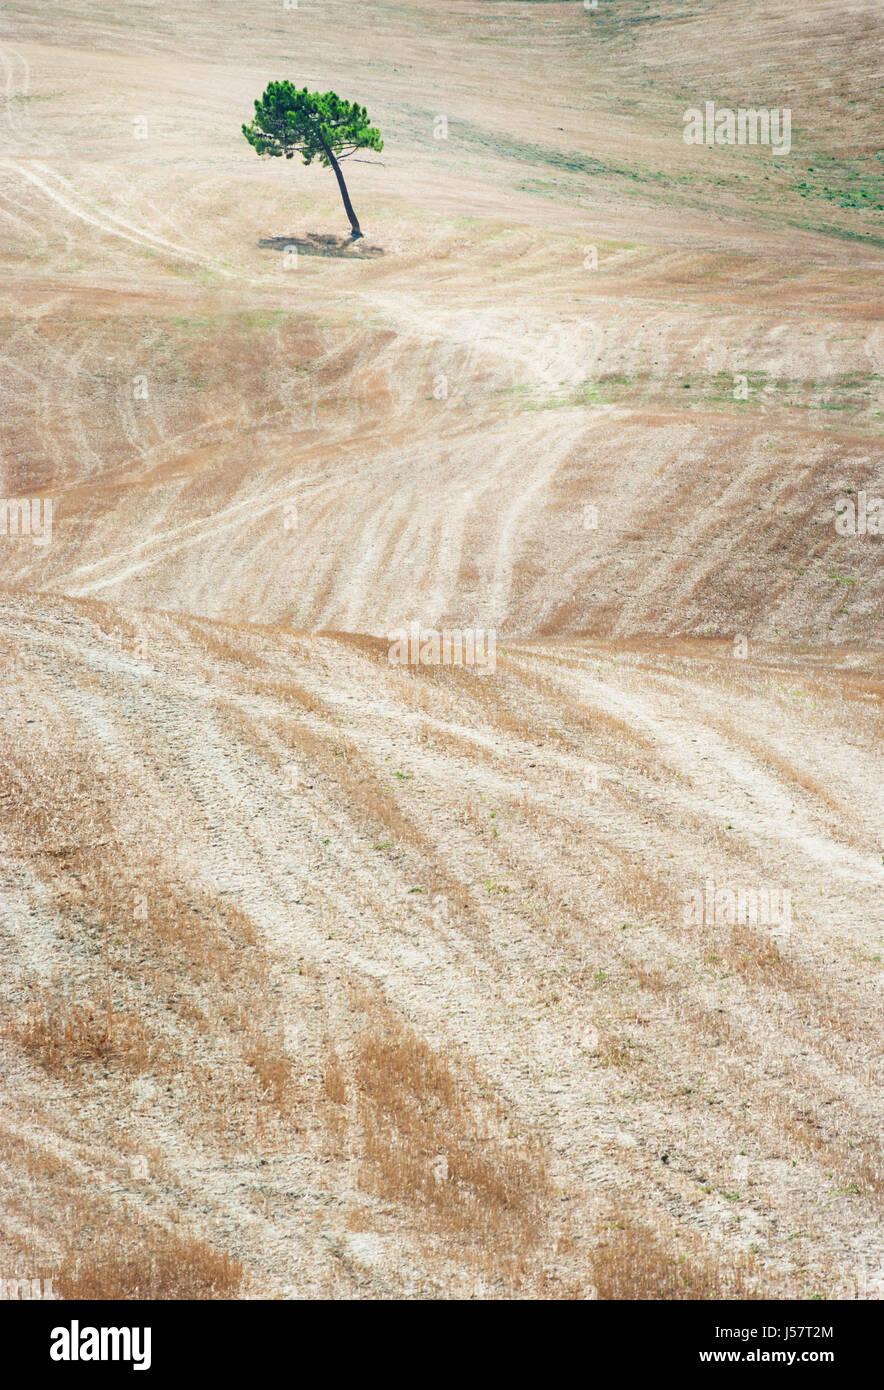 Tree in the field, Tuscany Italy Stock Photo